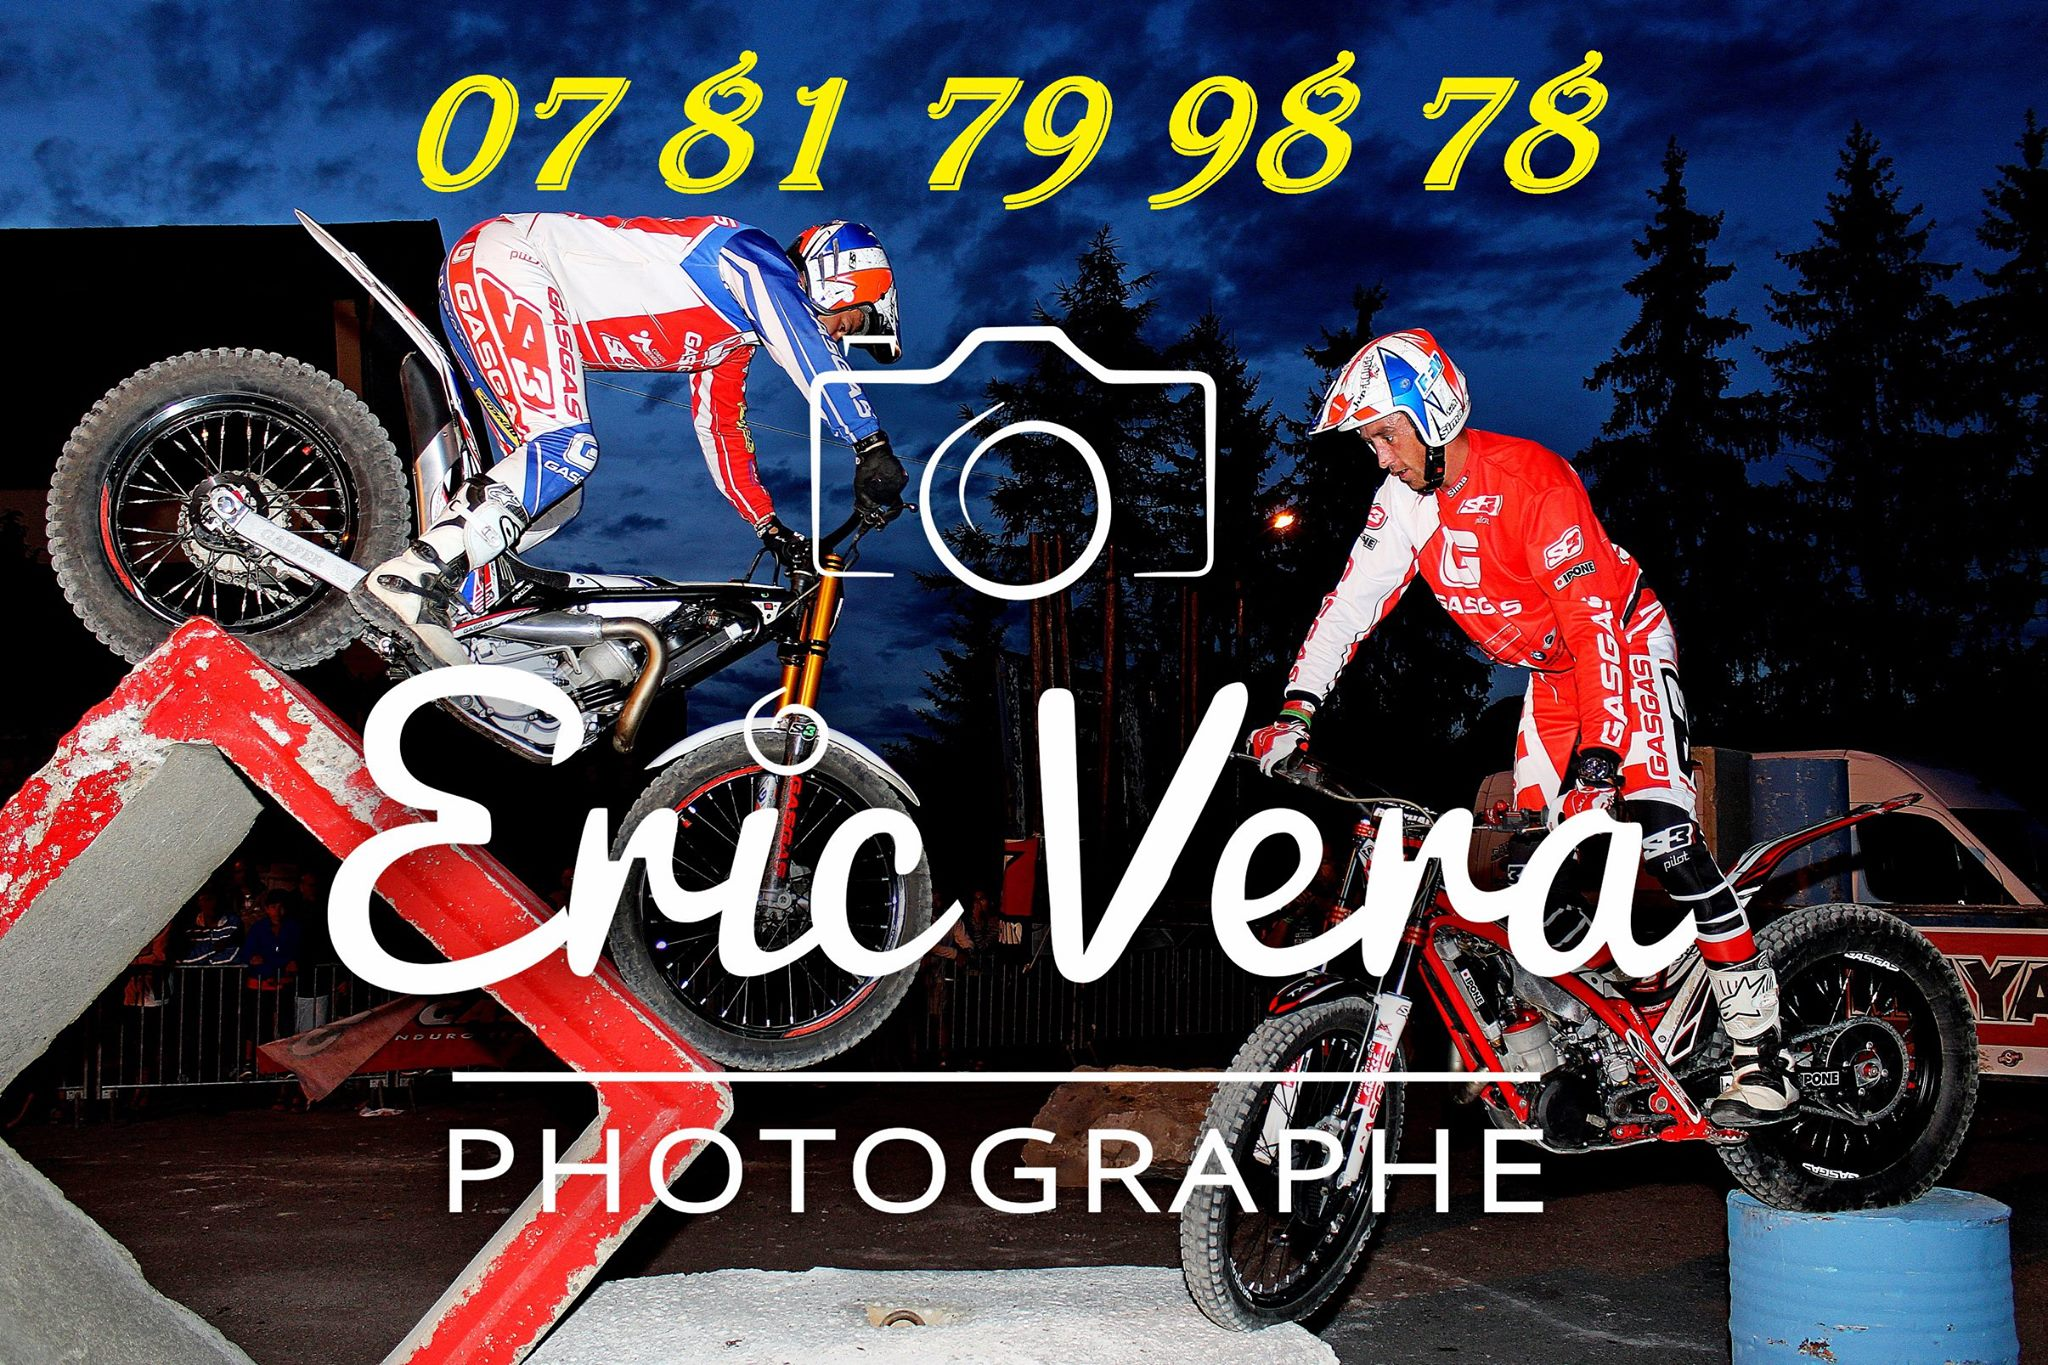 eric_vera_photographe_.jpg